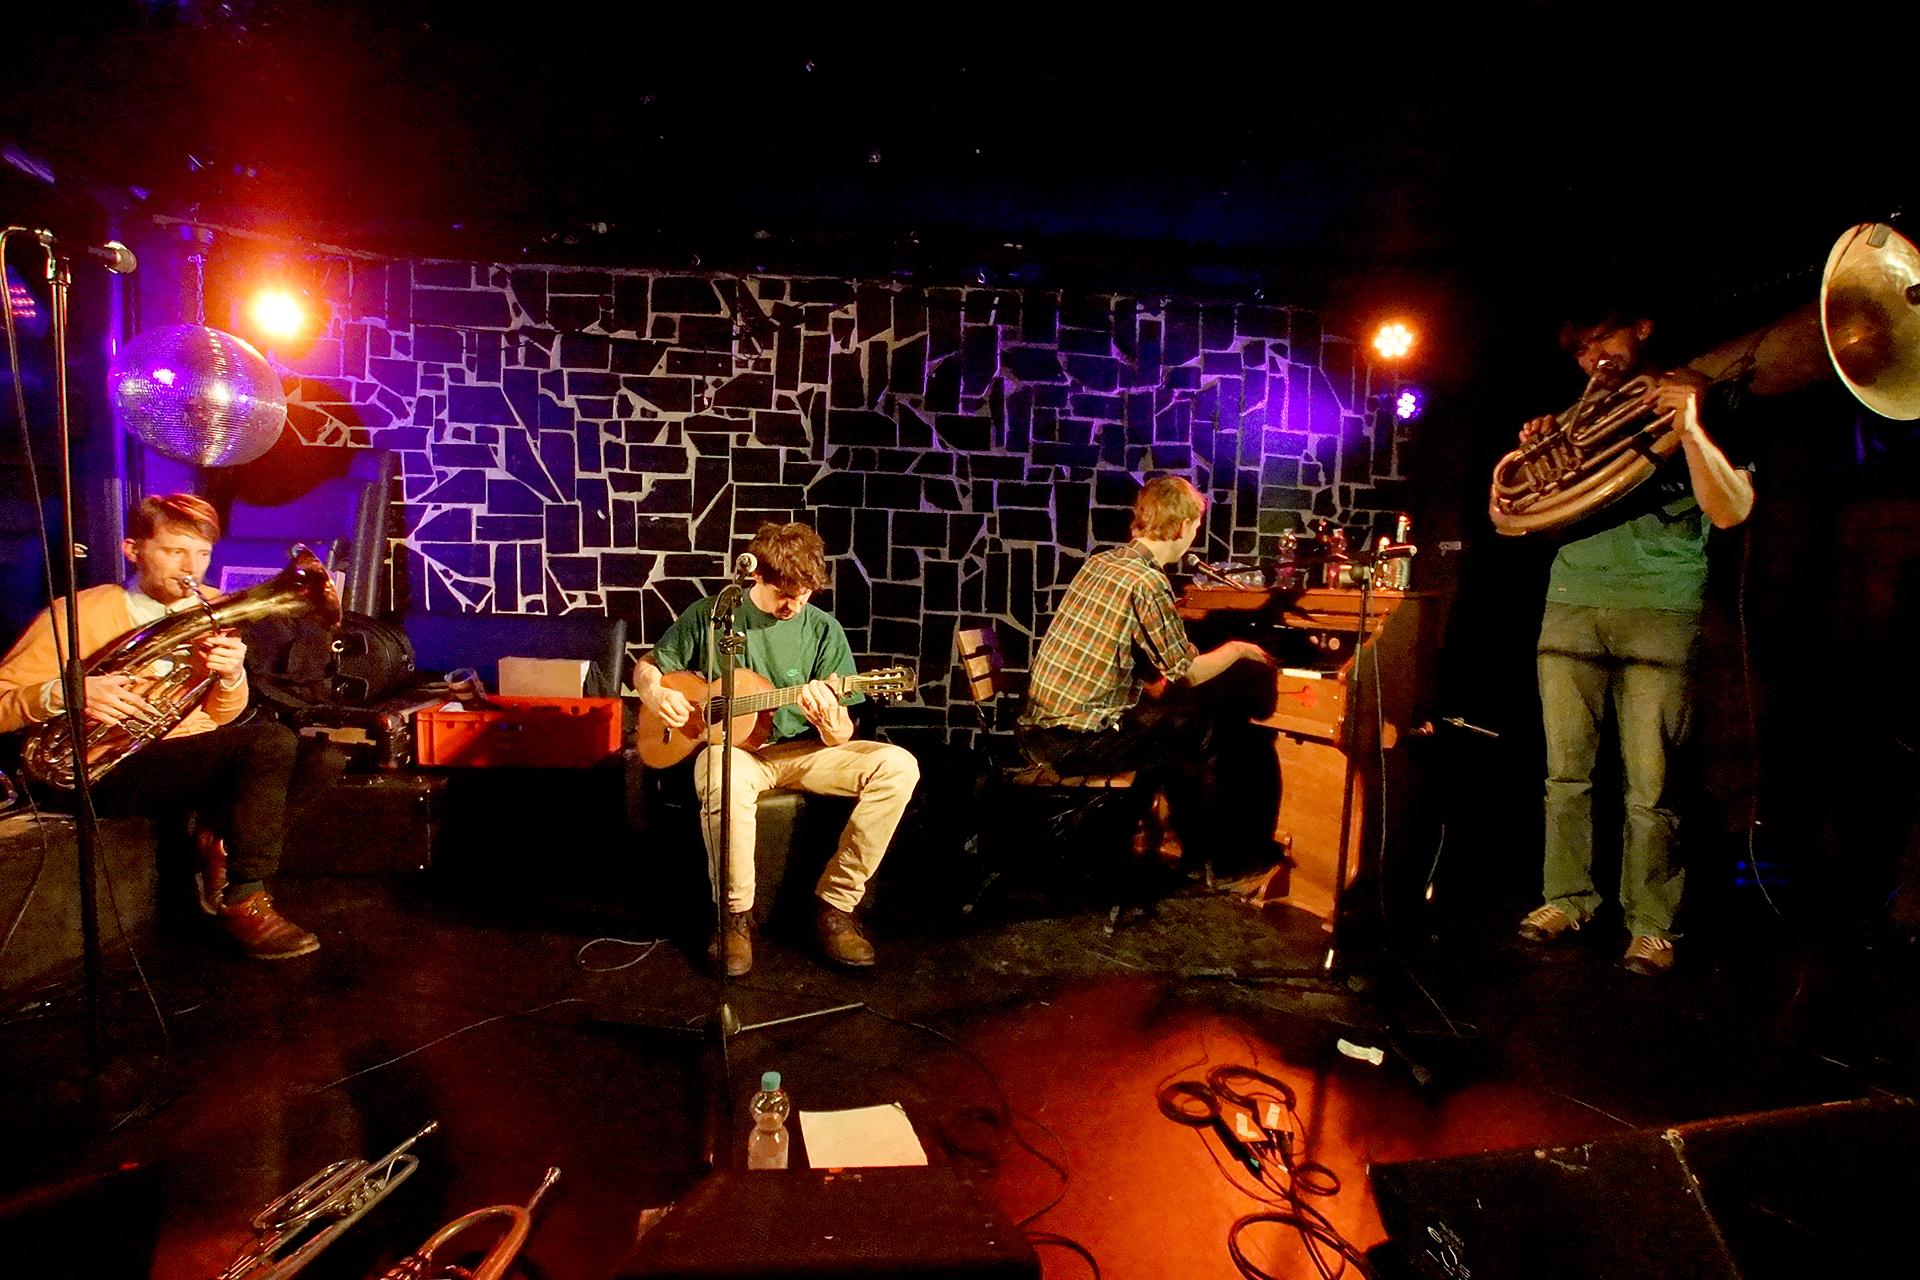 Kofelgschroa: Nürnberg, Club Stereo (2015)